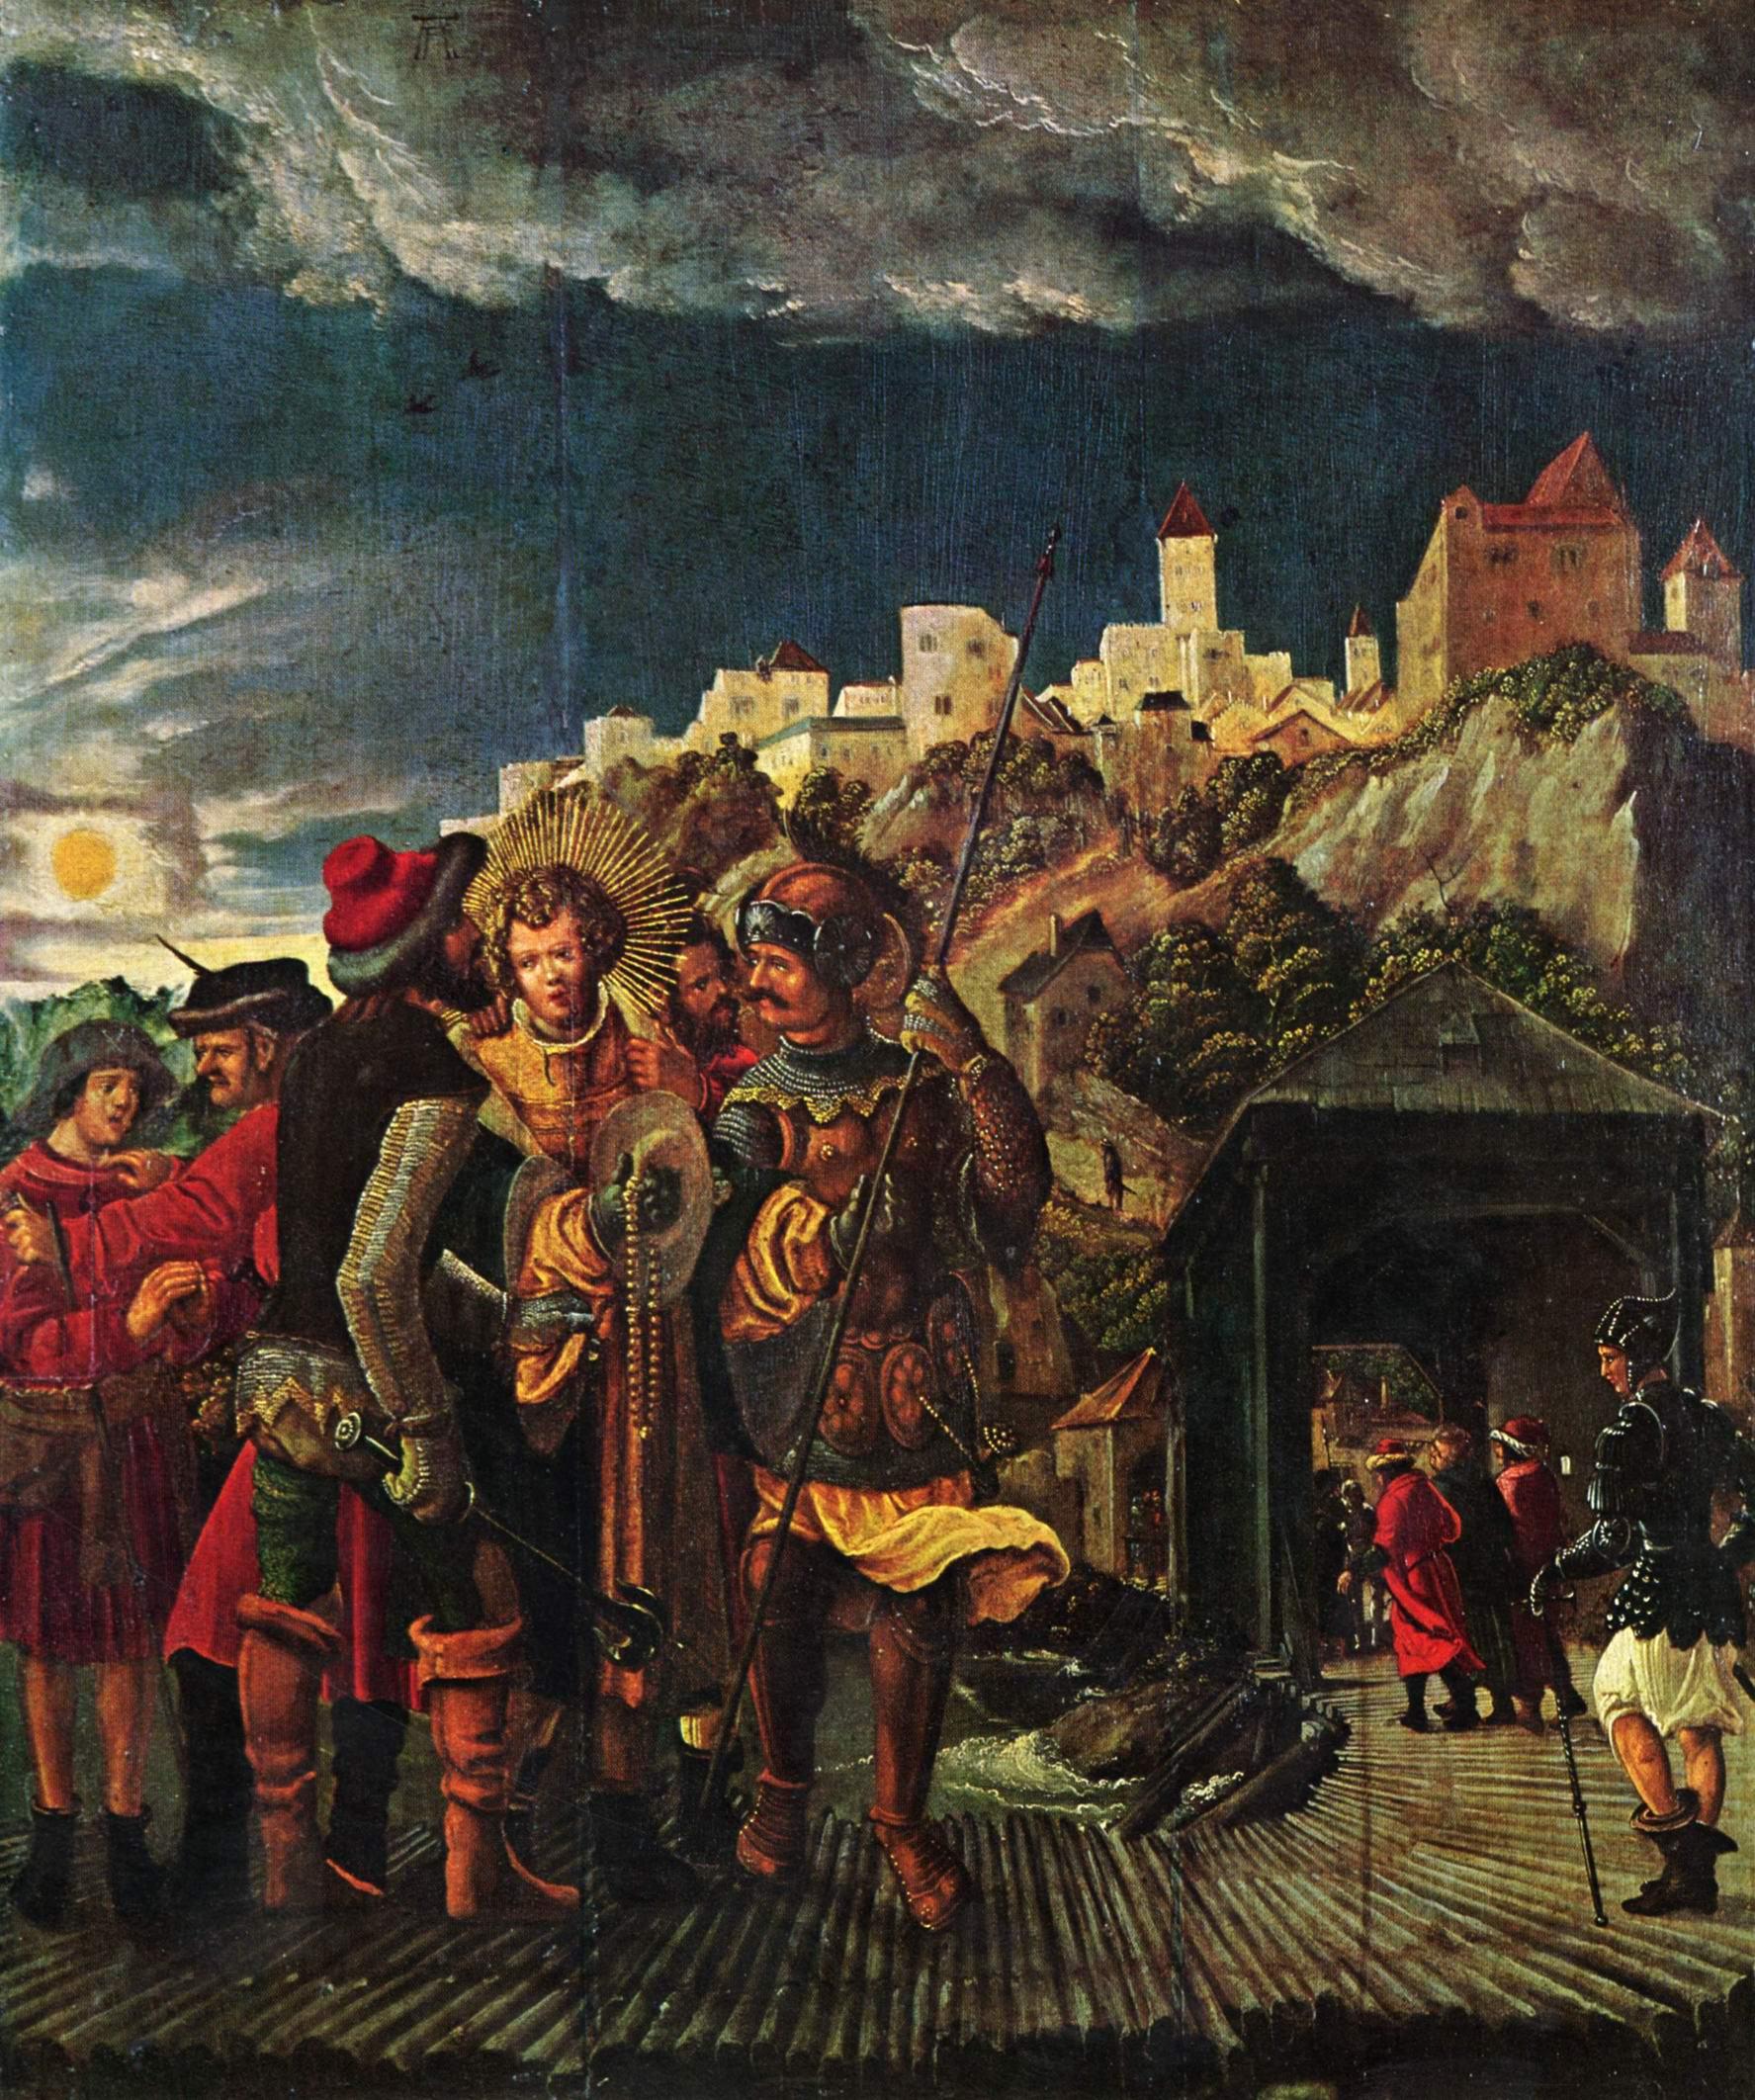 Житие св. Флориана, сцены из жития св. Флориана, пленение св. Флориана, Альтдорфер Альбрехт